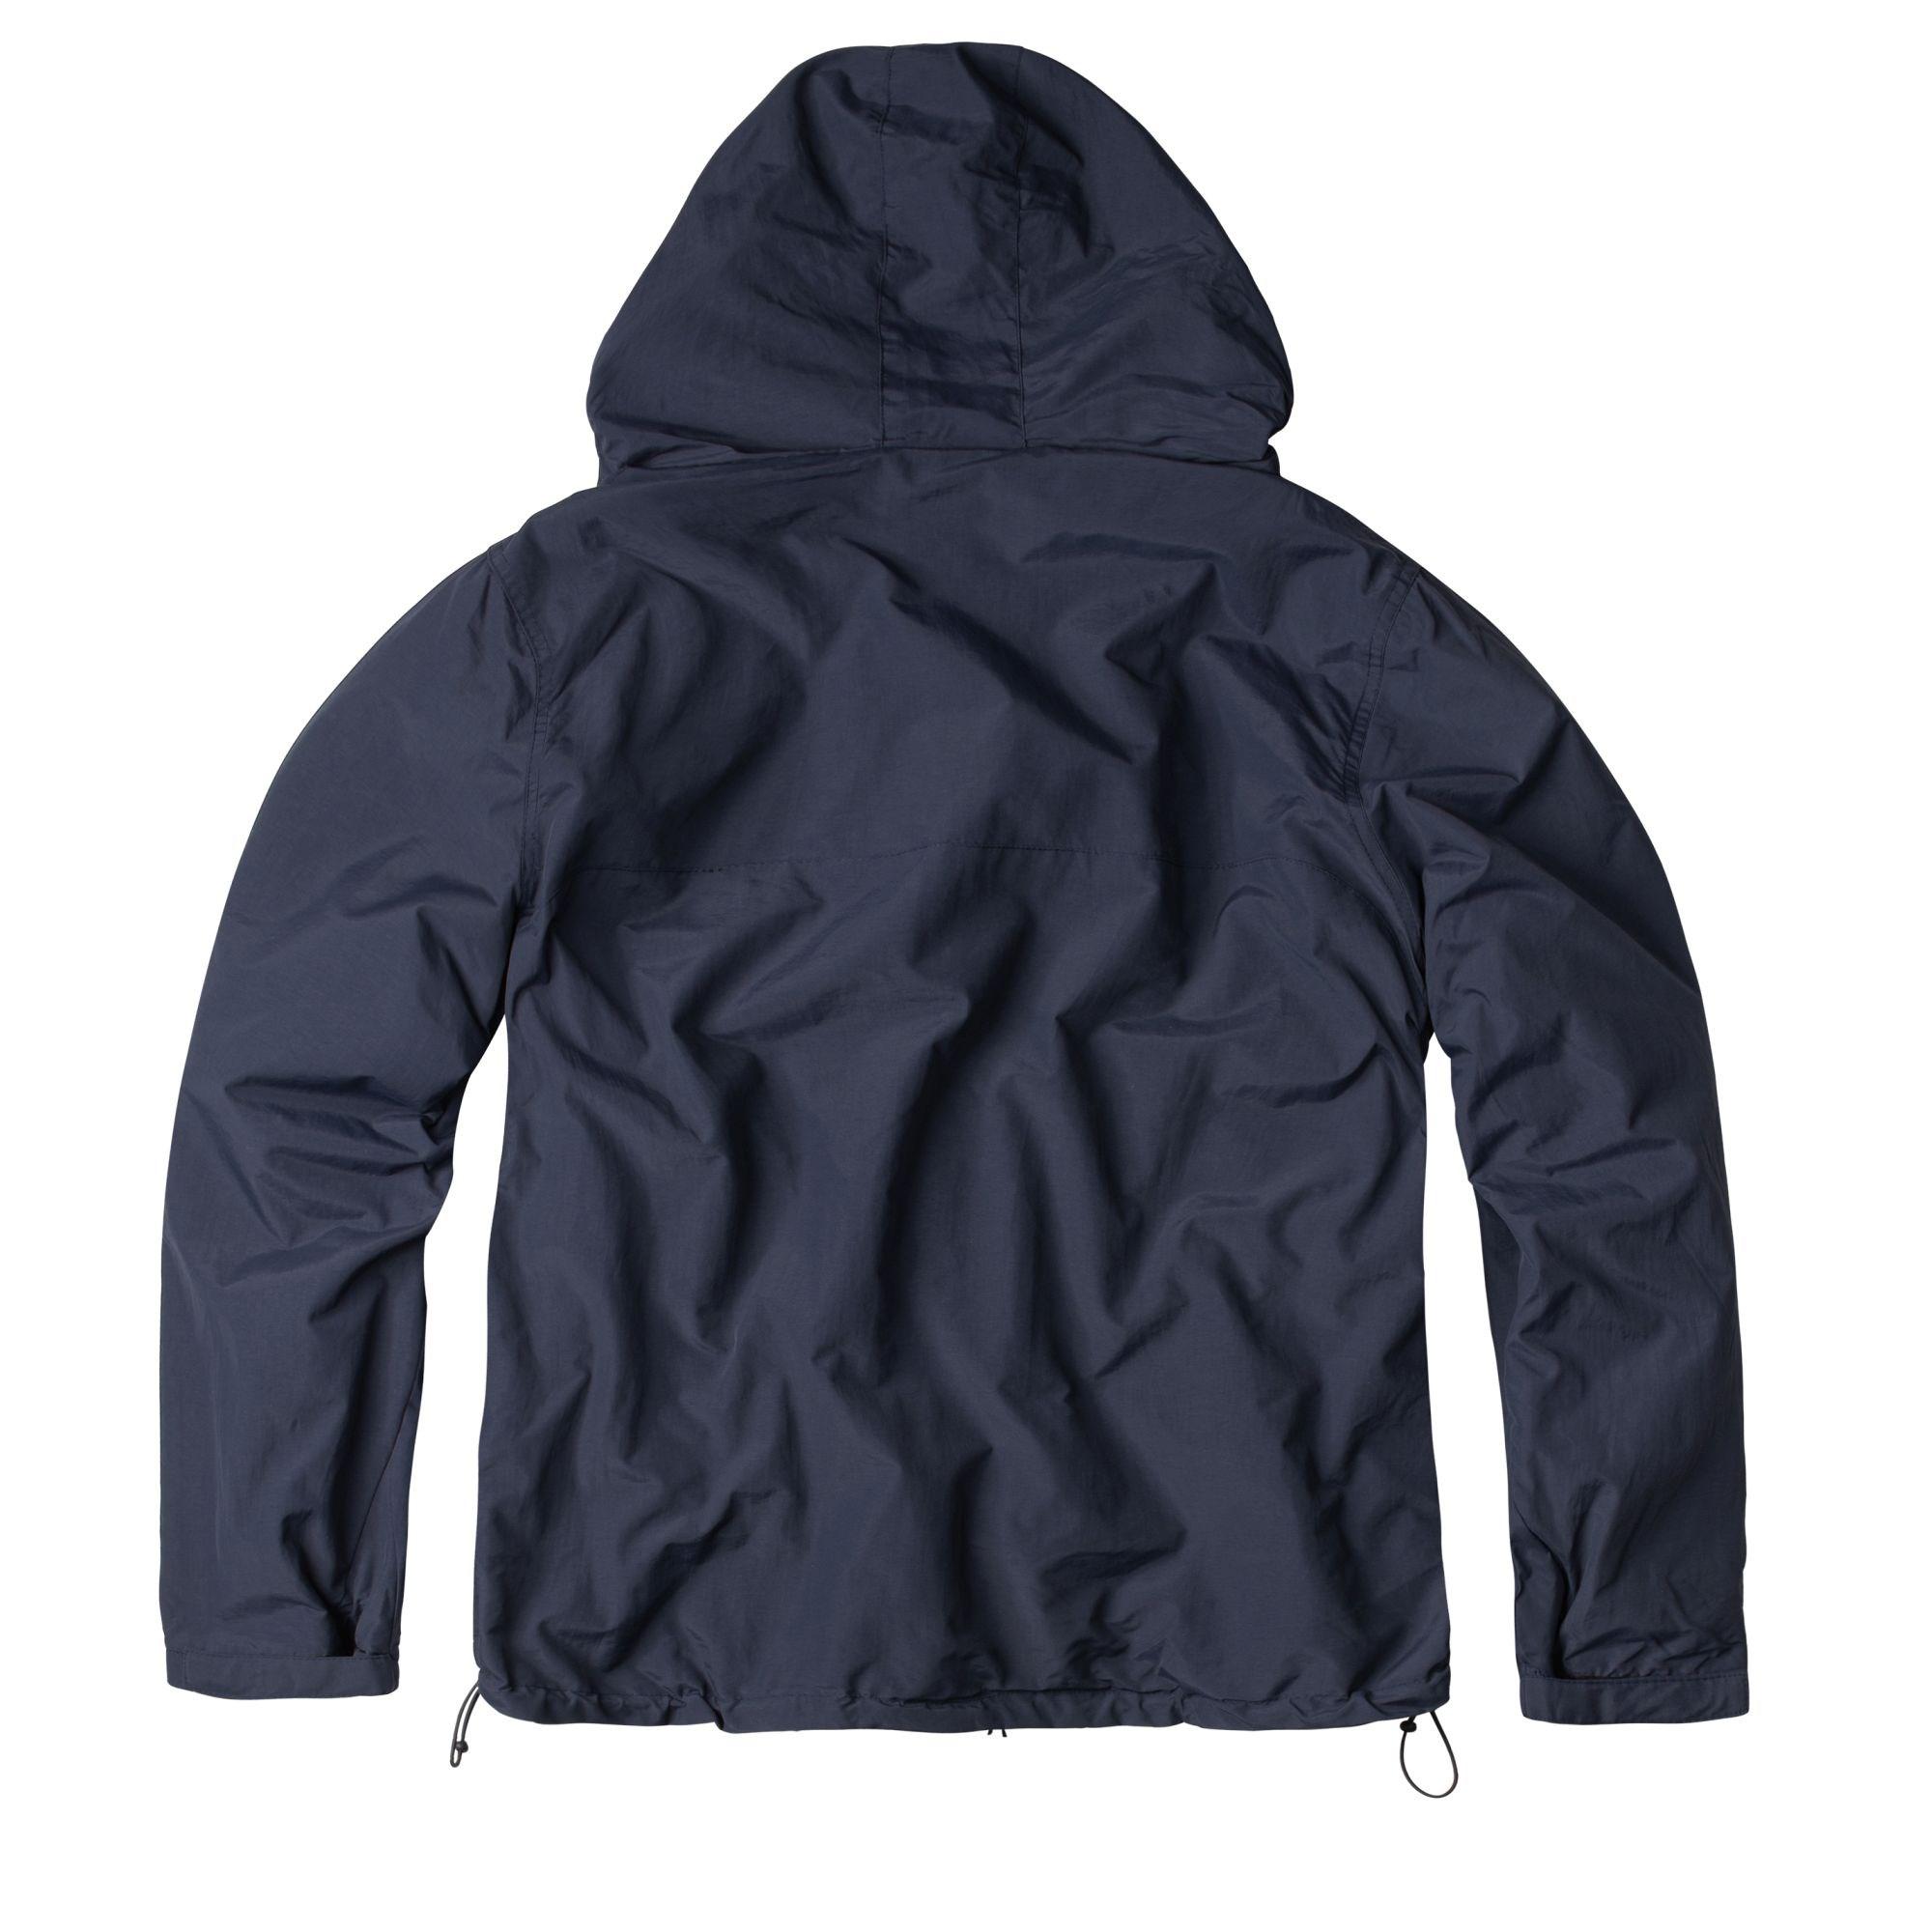 WINDBREAKER ZIPPER Jacket NAVY SURPLUS 20-7002-10 L-11